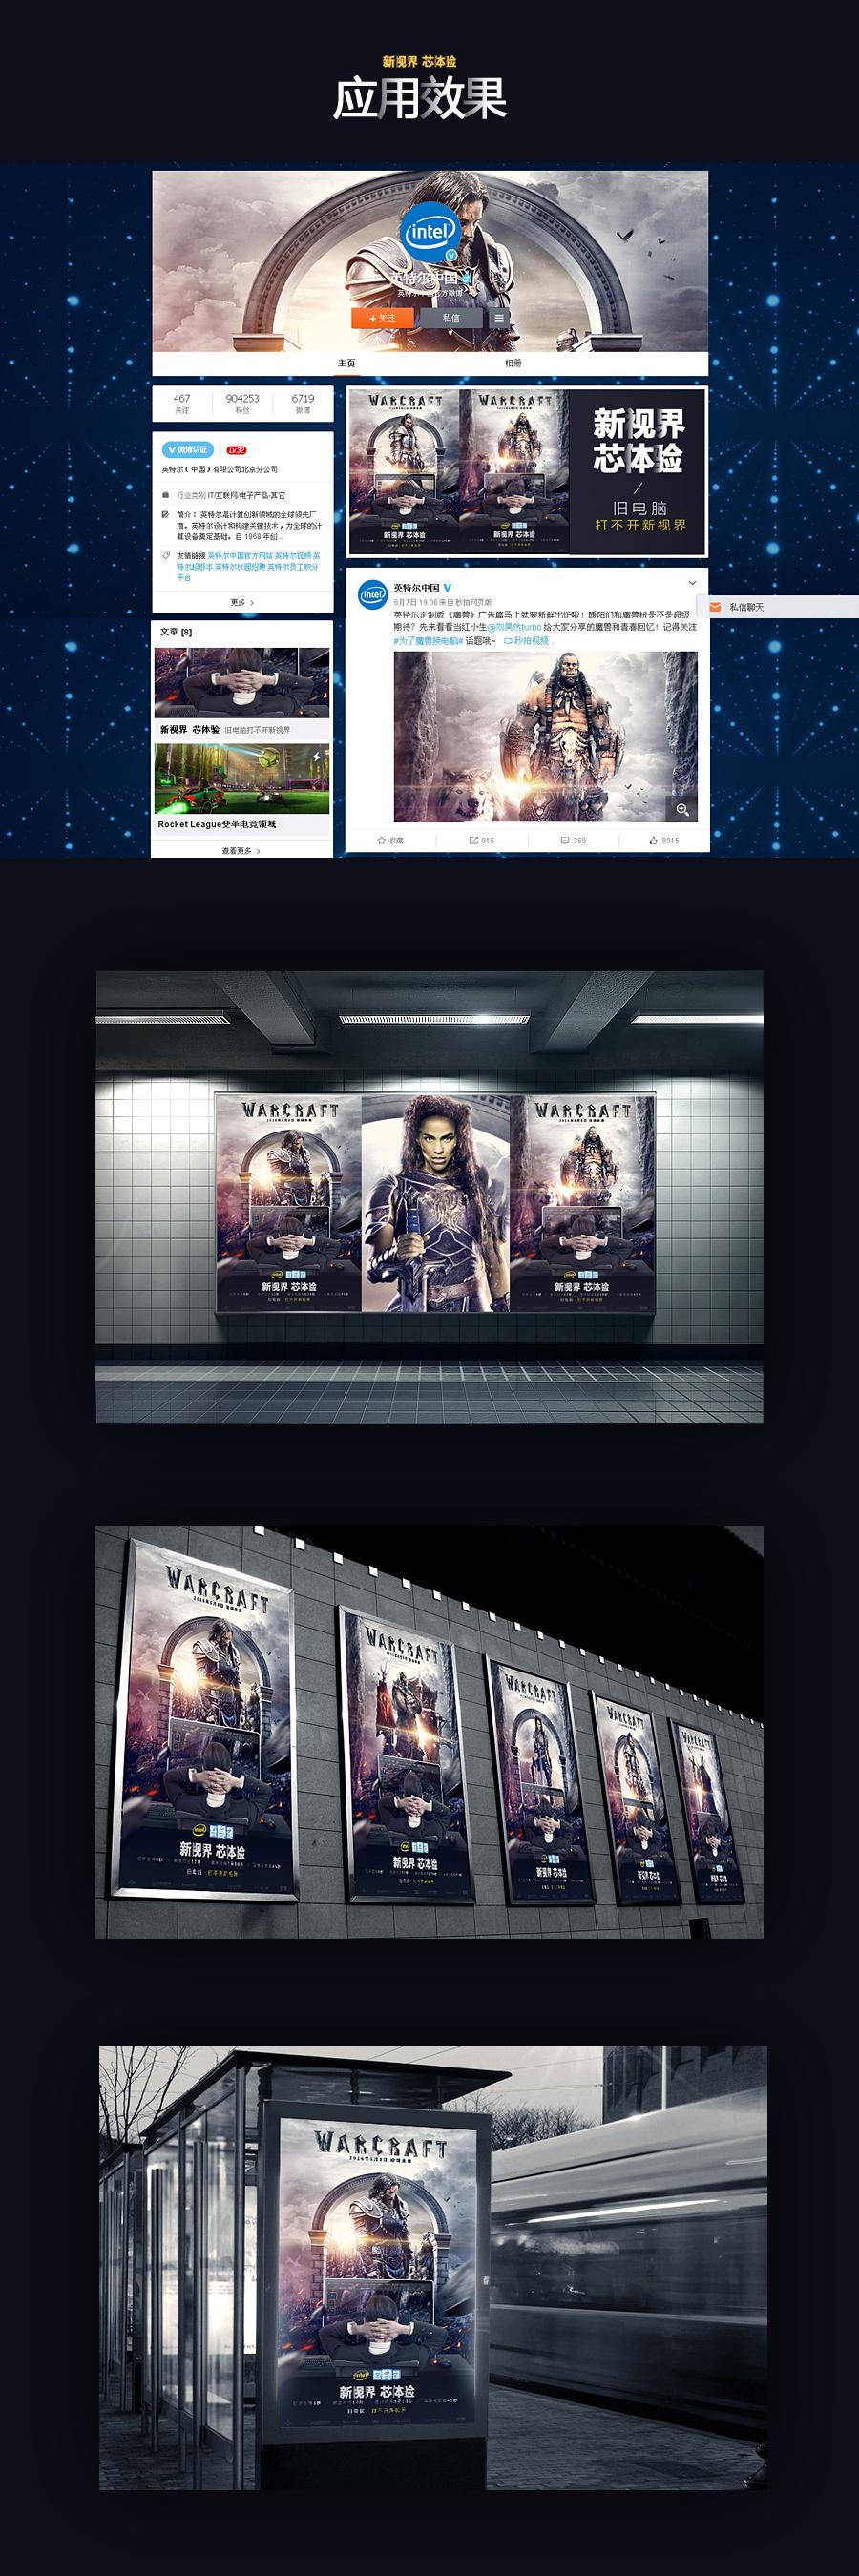 查看《design pc新视界  芯体验》原图,原图尺寸:900x2700